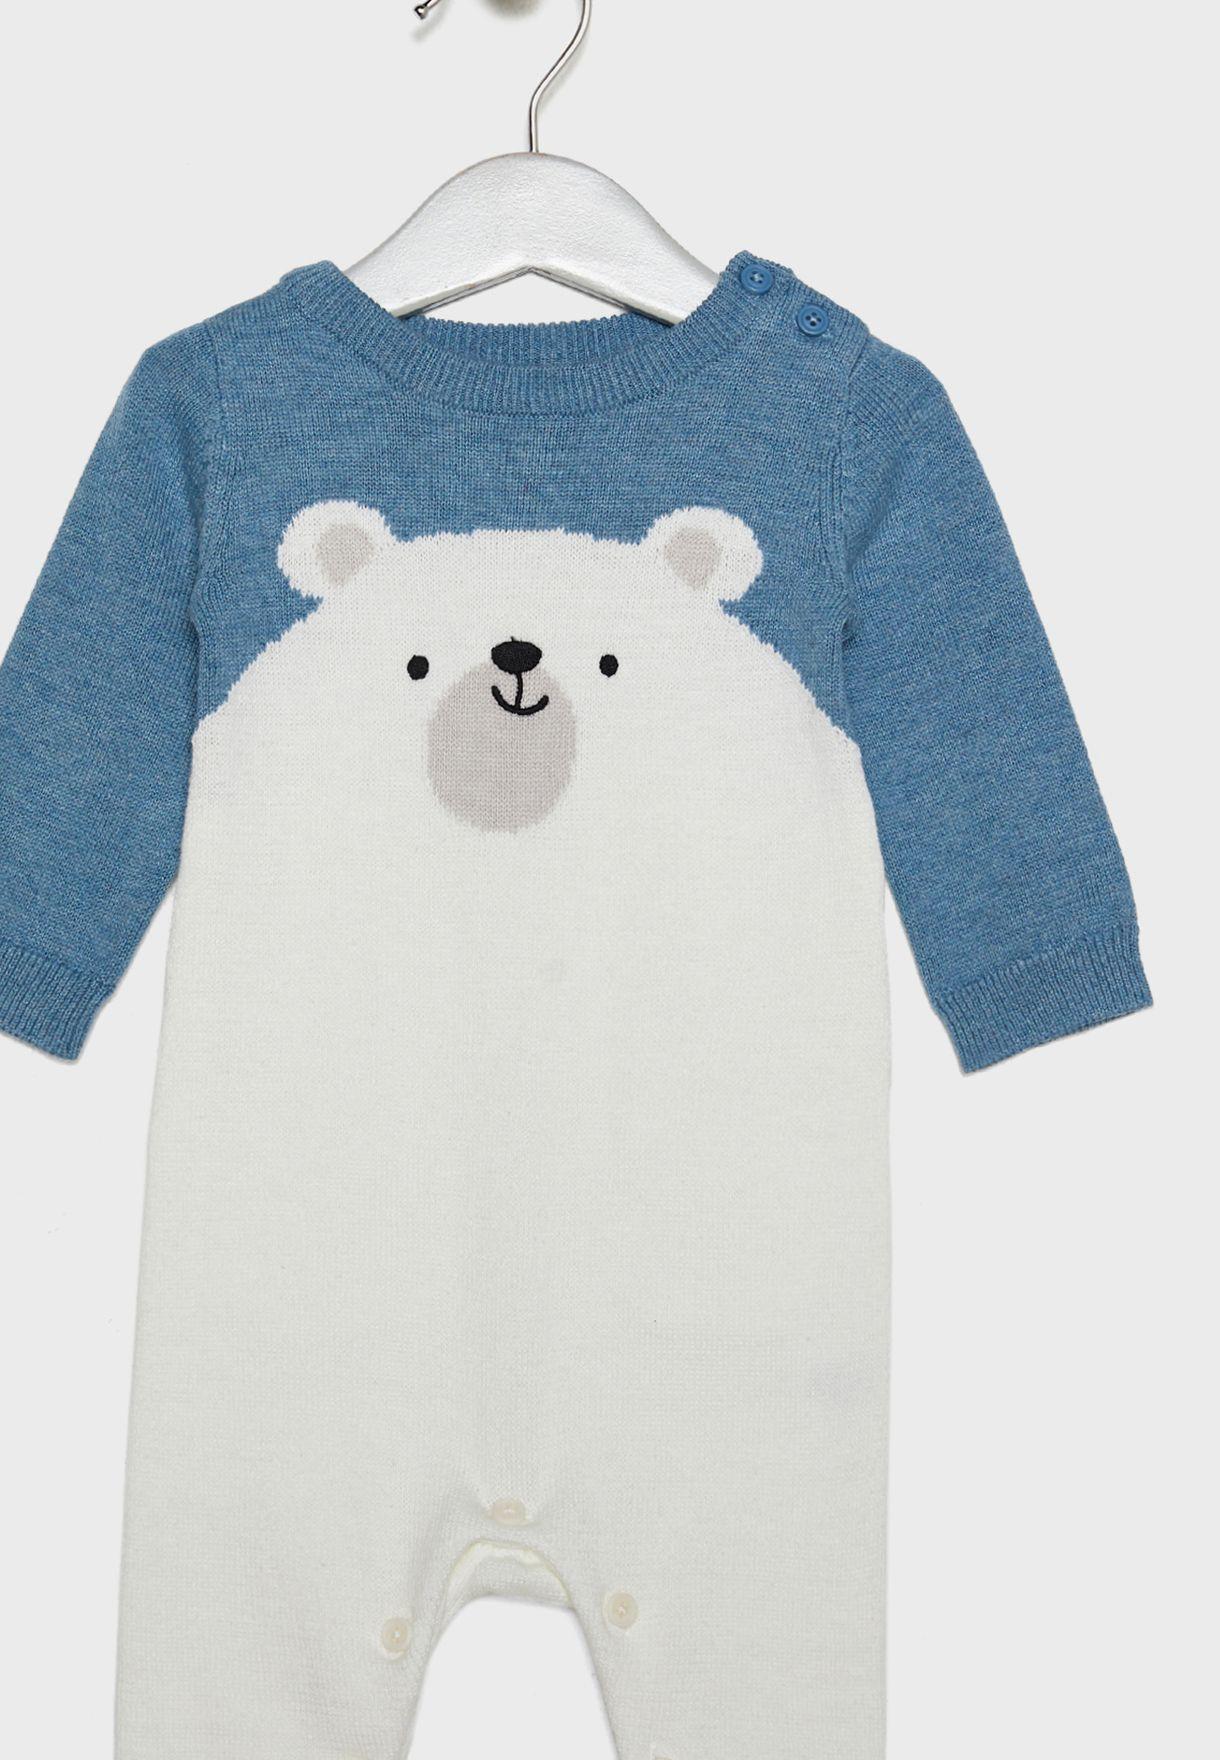 Infant Polar Bear Romper